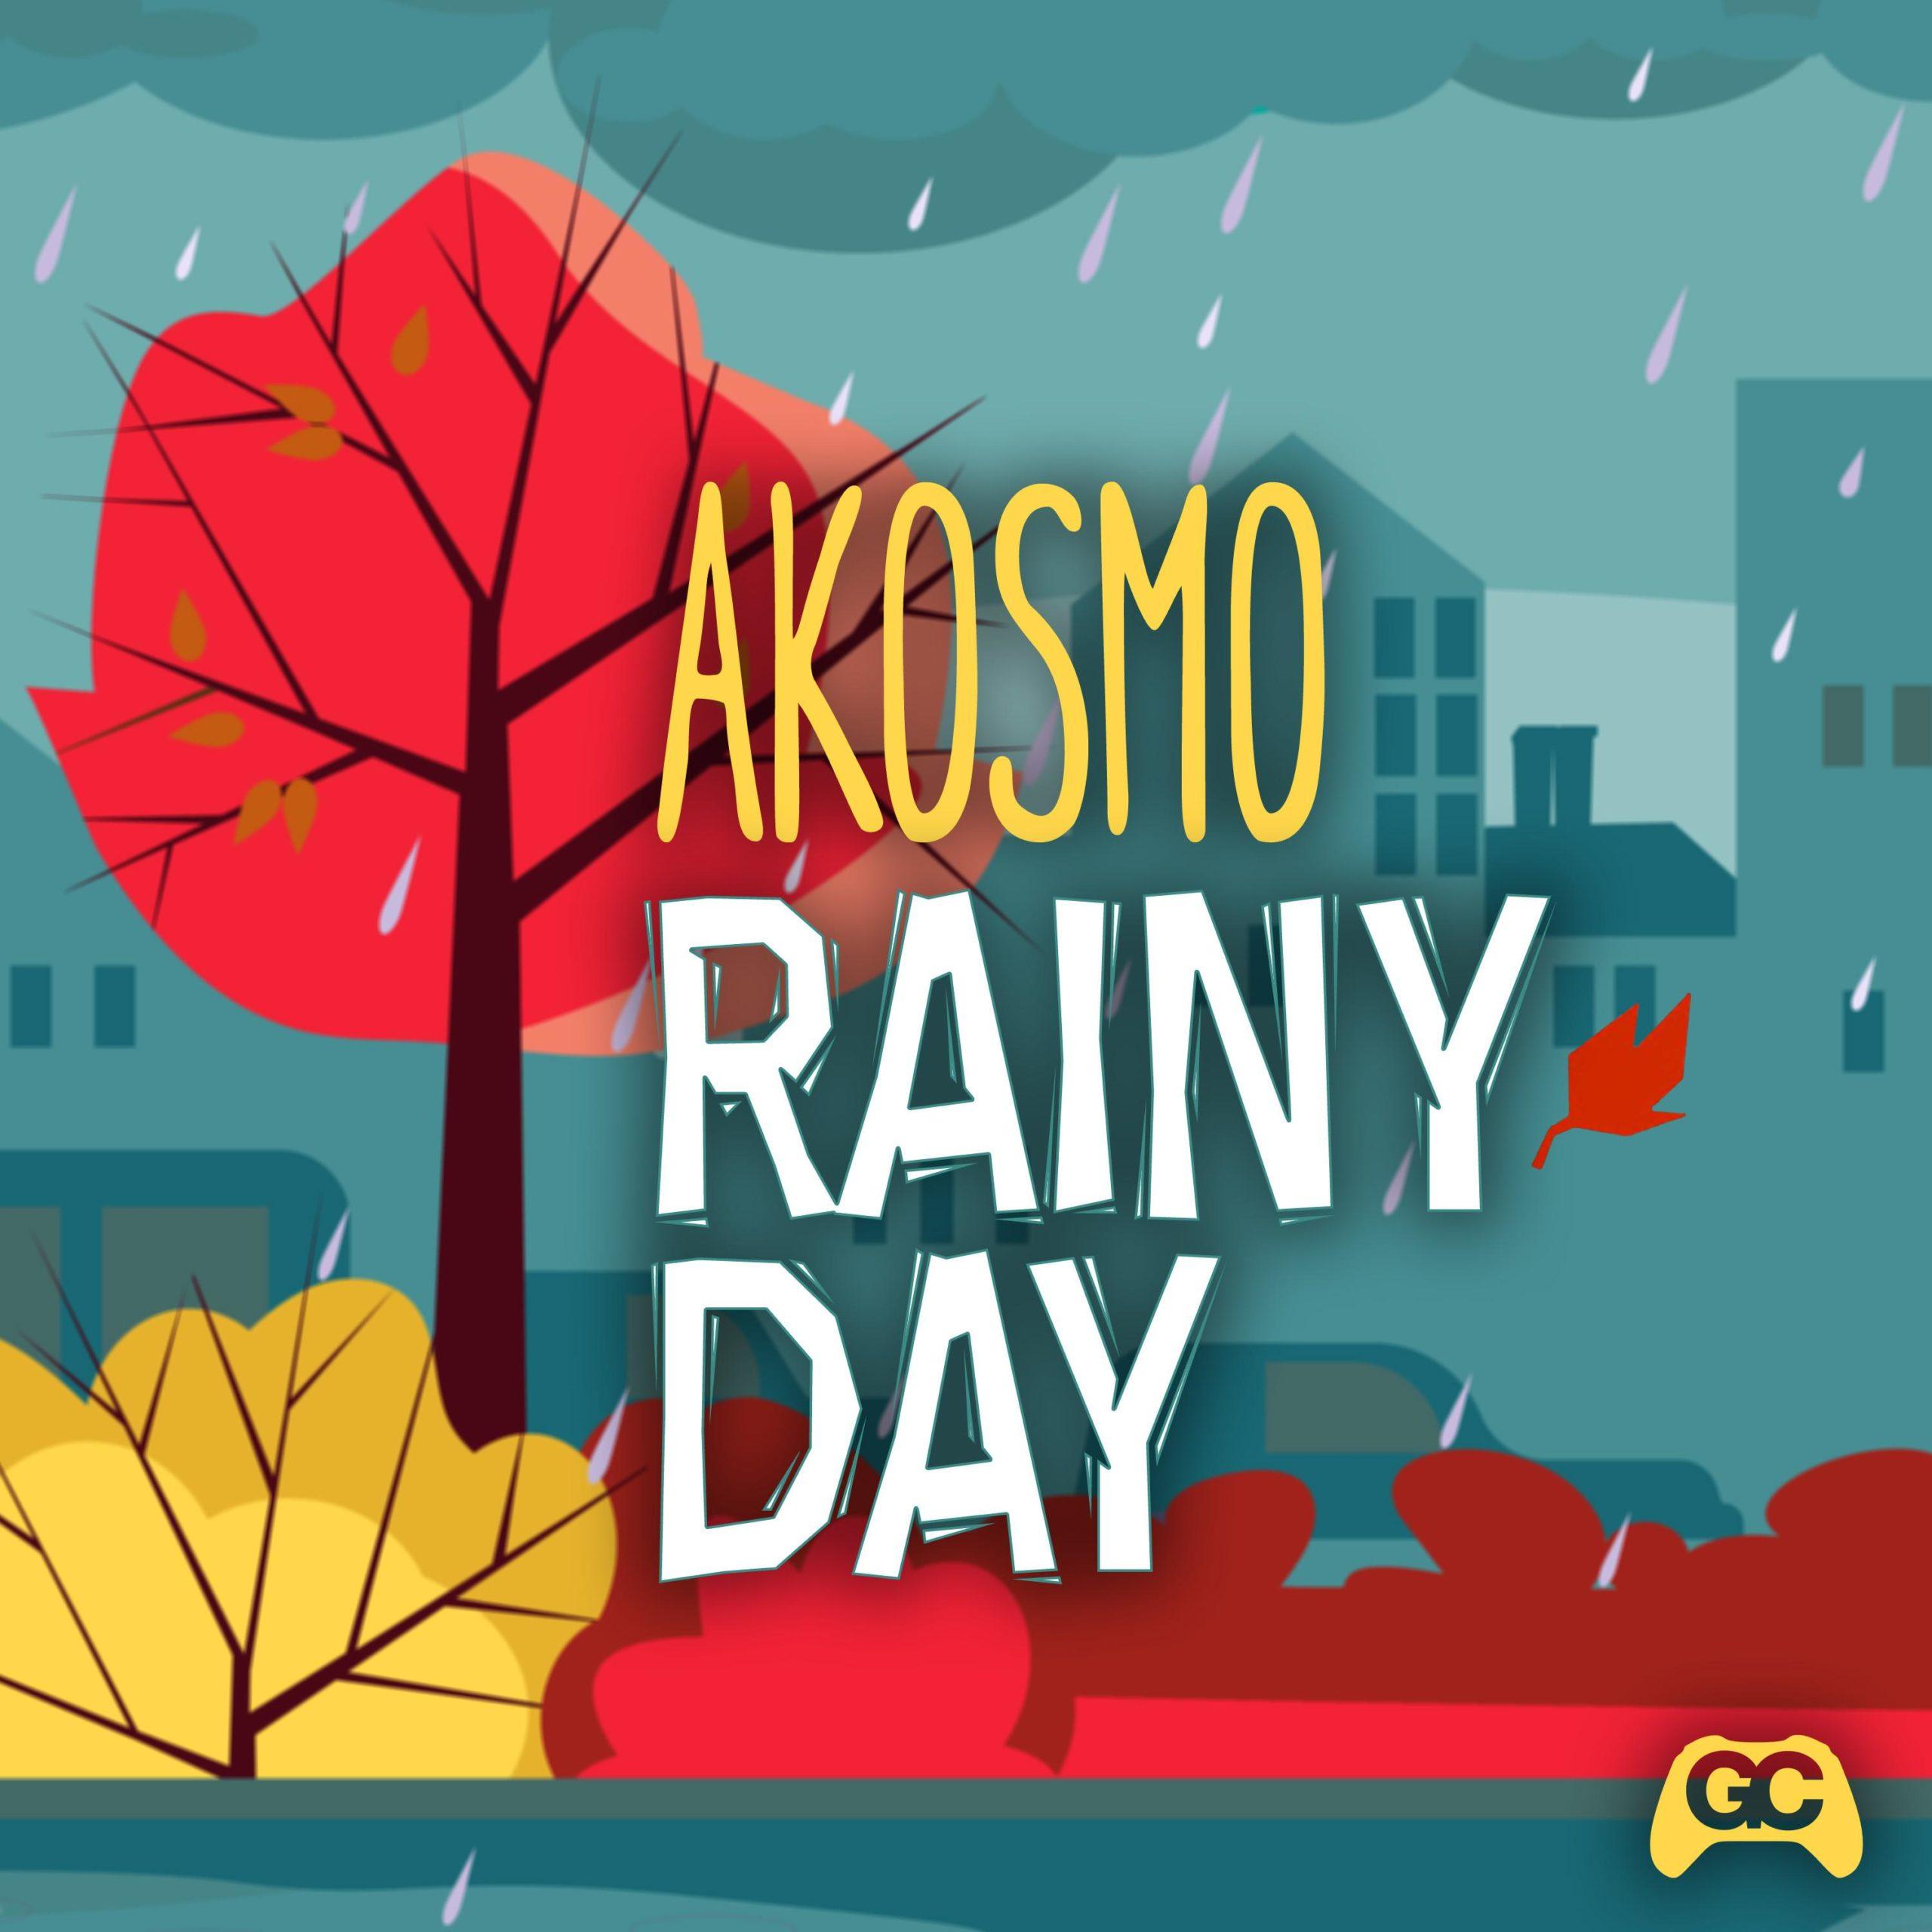 Rainy Day – Akosmo